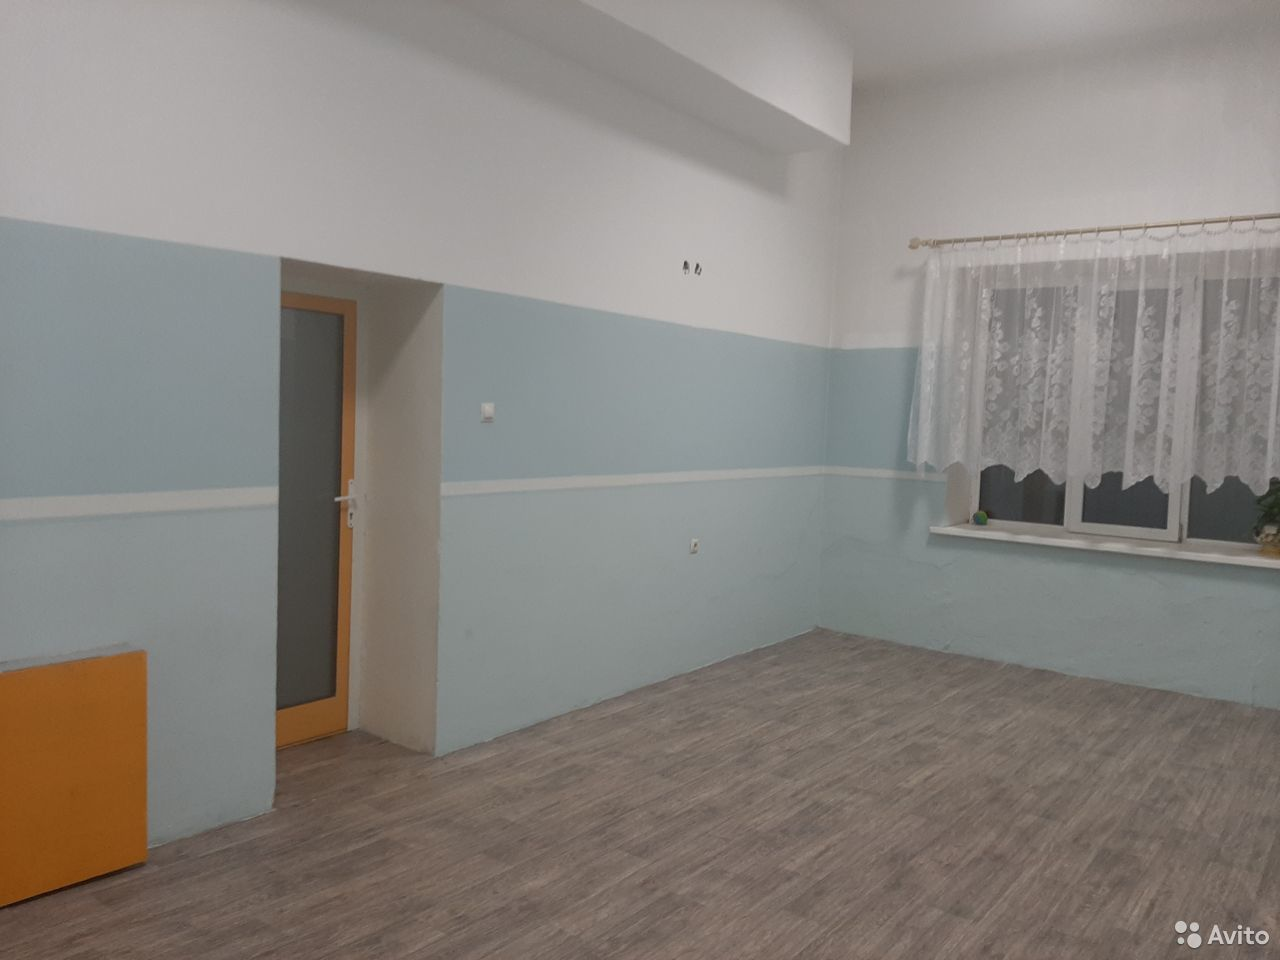 Зал для групповых занятий. Почасовая аренда